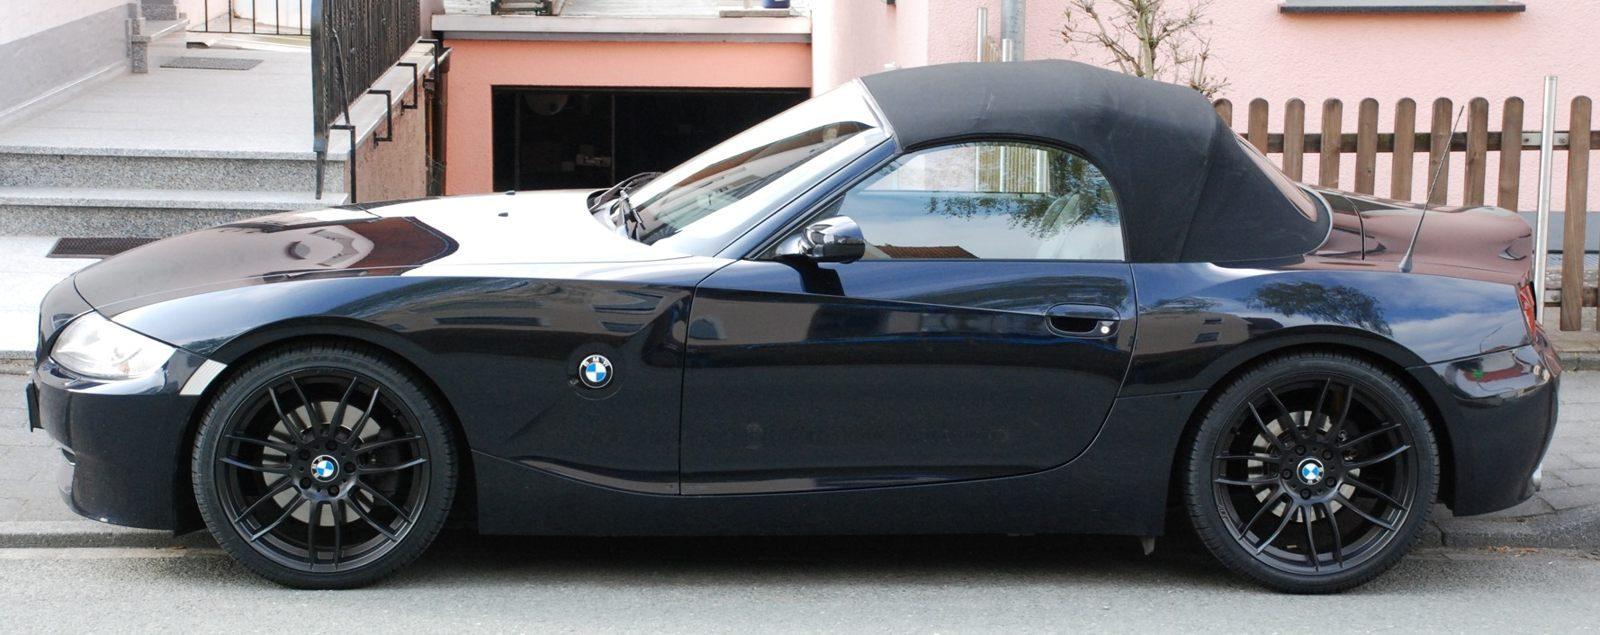 2016 BMW Z4 01